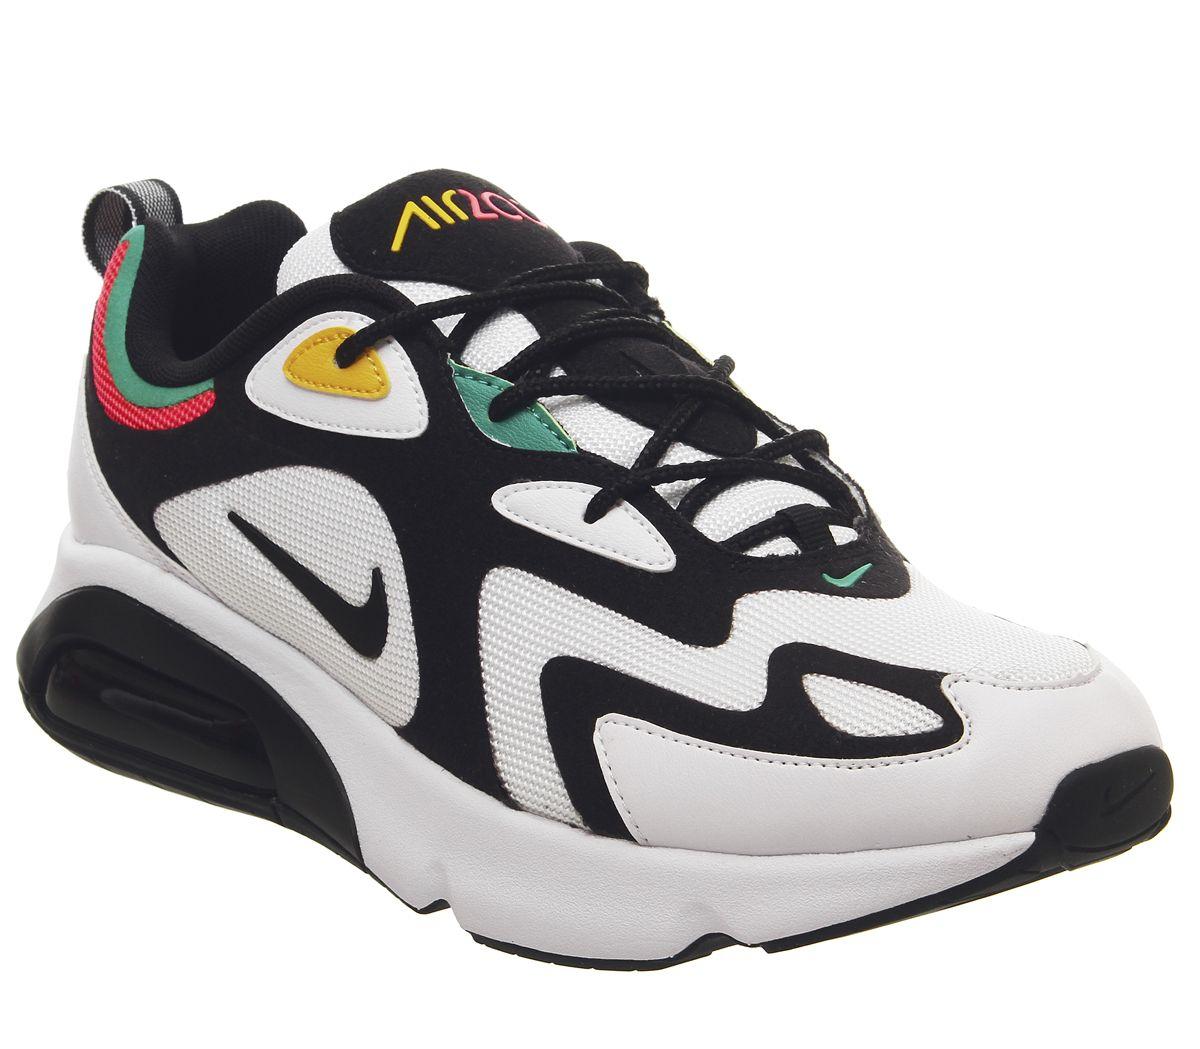 Baskets Nike Air Max Trainers (office.co.uk - Frais d'importation inclus)